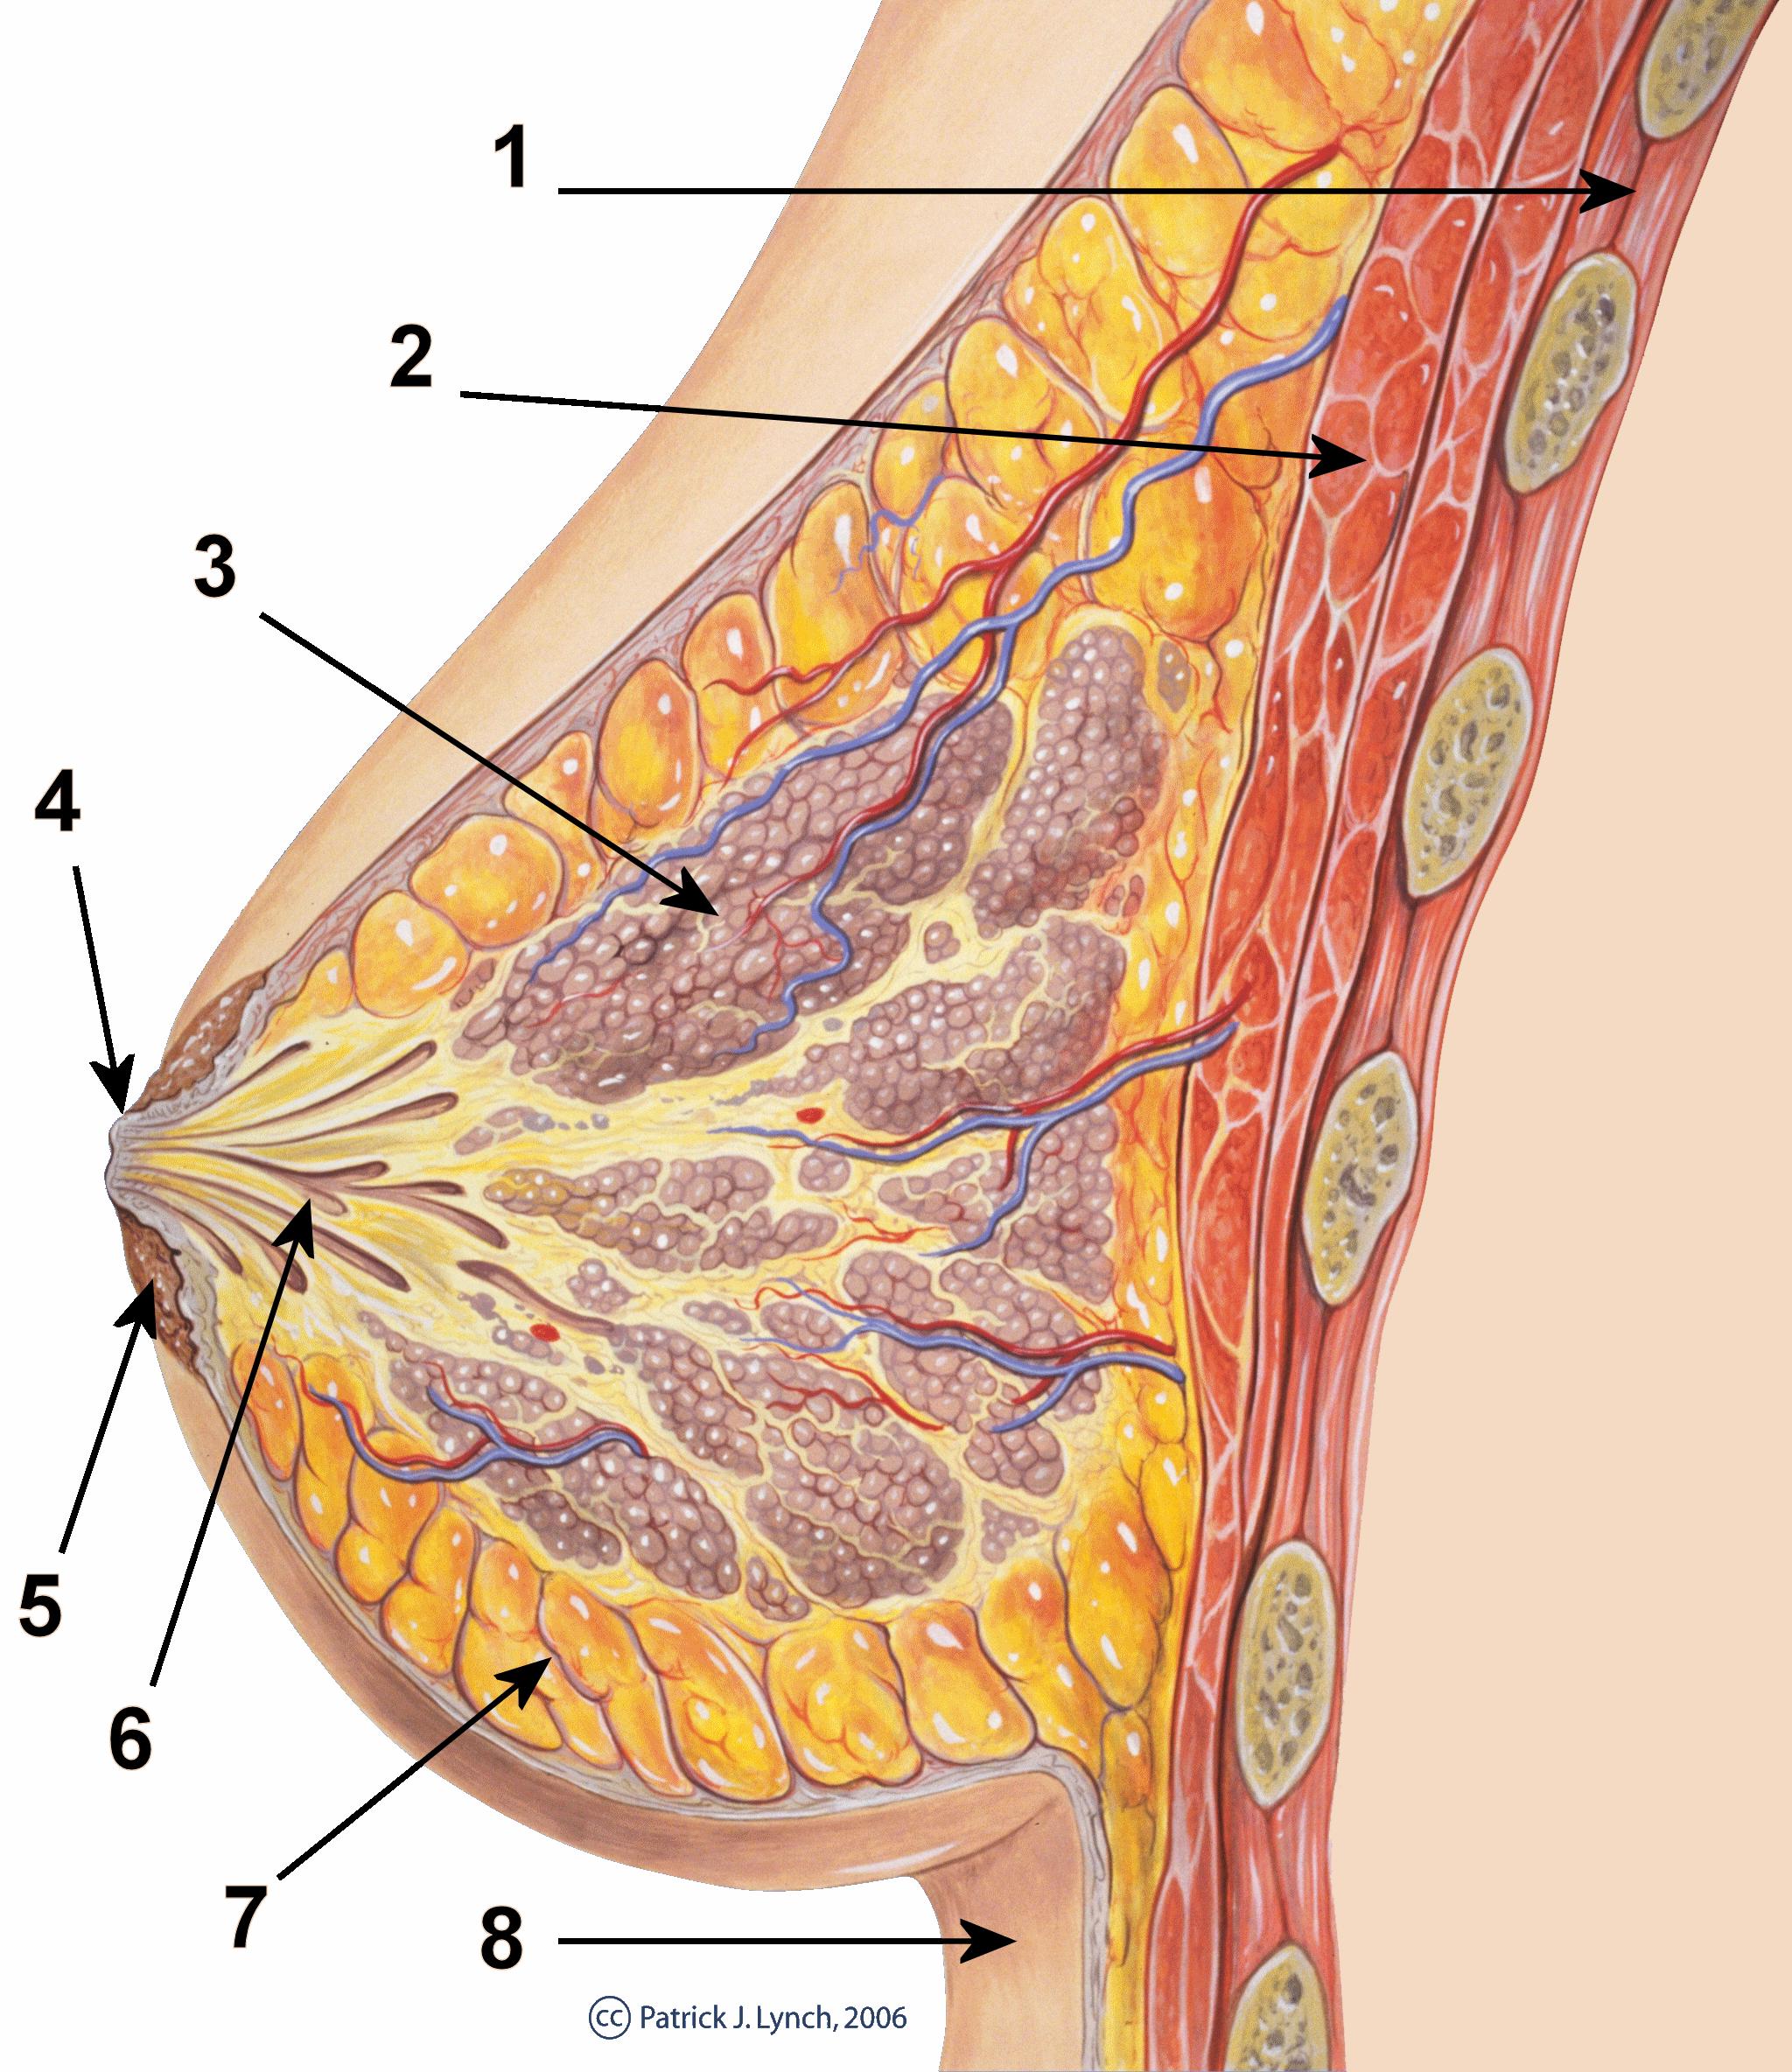 Papilloma intraduttale e secrezioni, Category: DEFAULT, Papilloma intraduttale senza secrezione